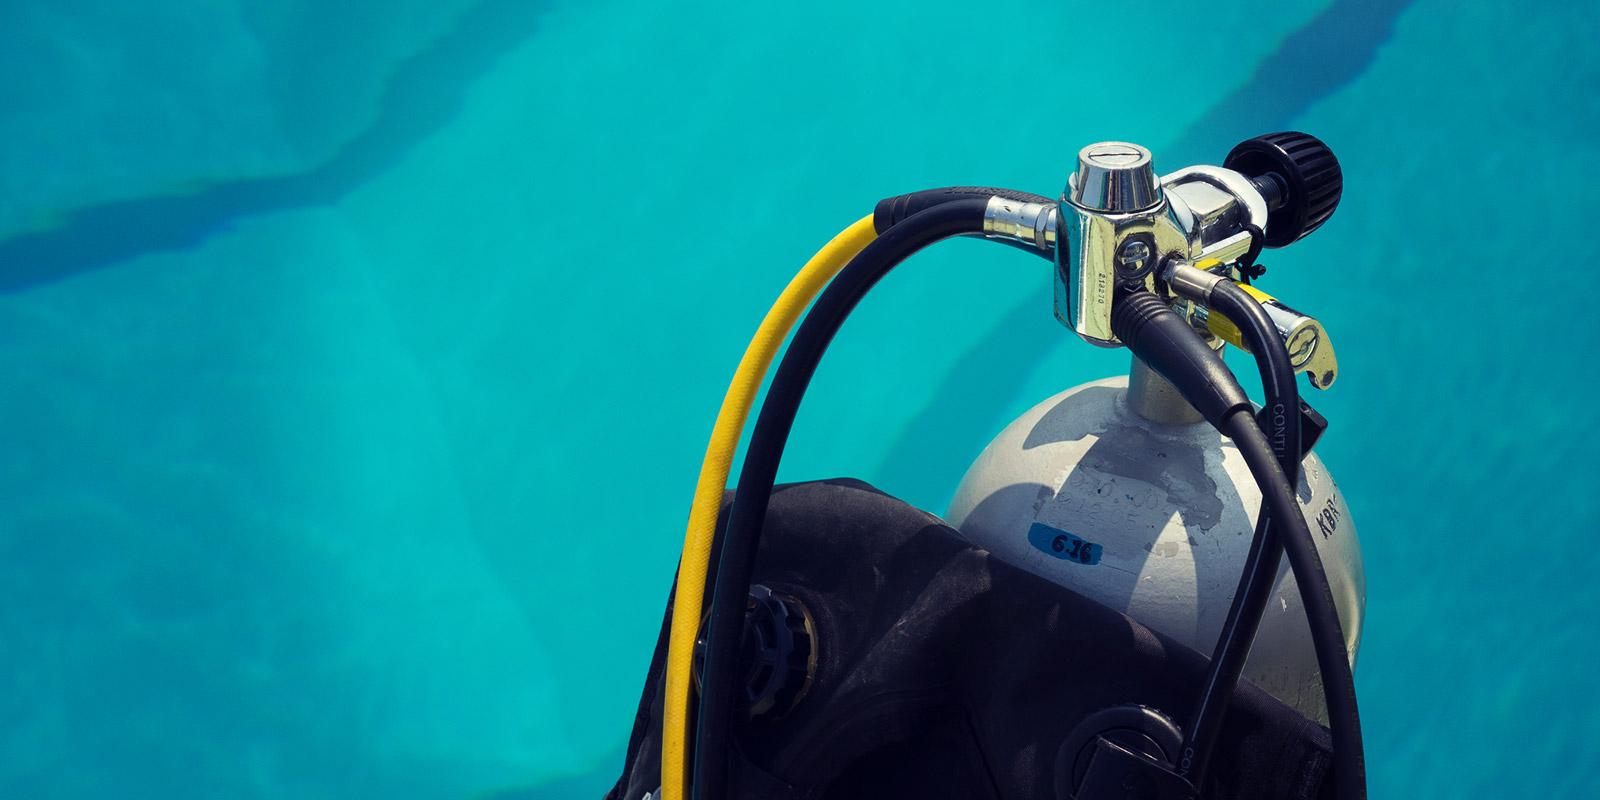 ダイビングのレンタル機材